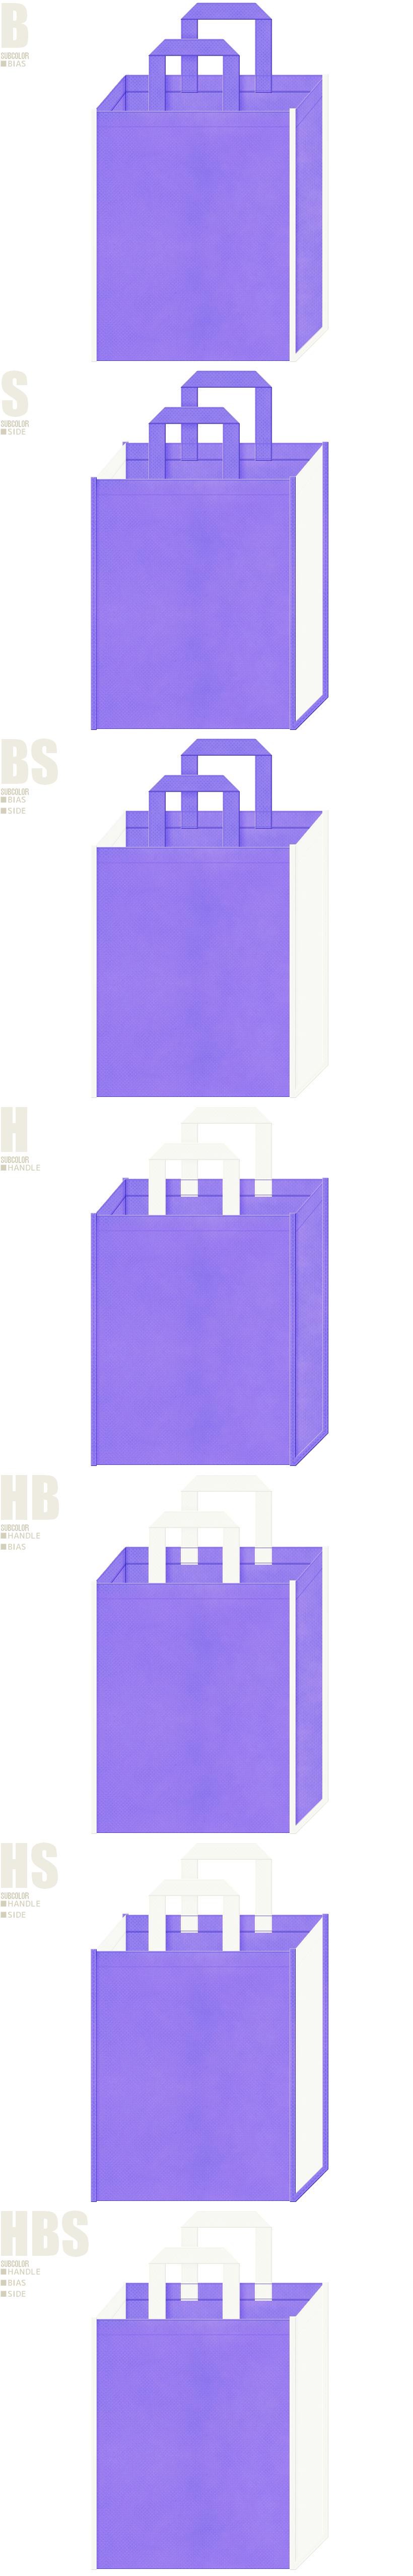 薄紫色とオフホワイト色の配色7パターン:不織布トートバッグのデザイン。医療・福祉・介護・バレエ・楽団のイメージにお奨めの配色です。